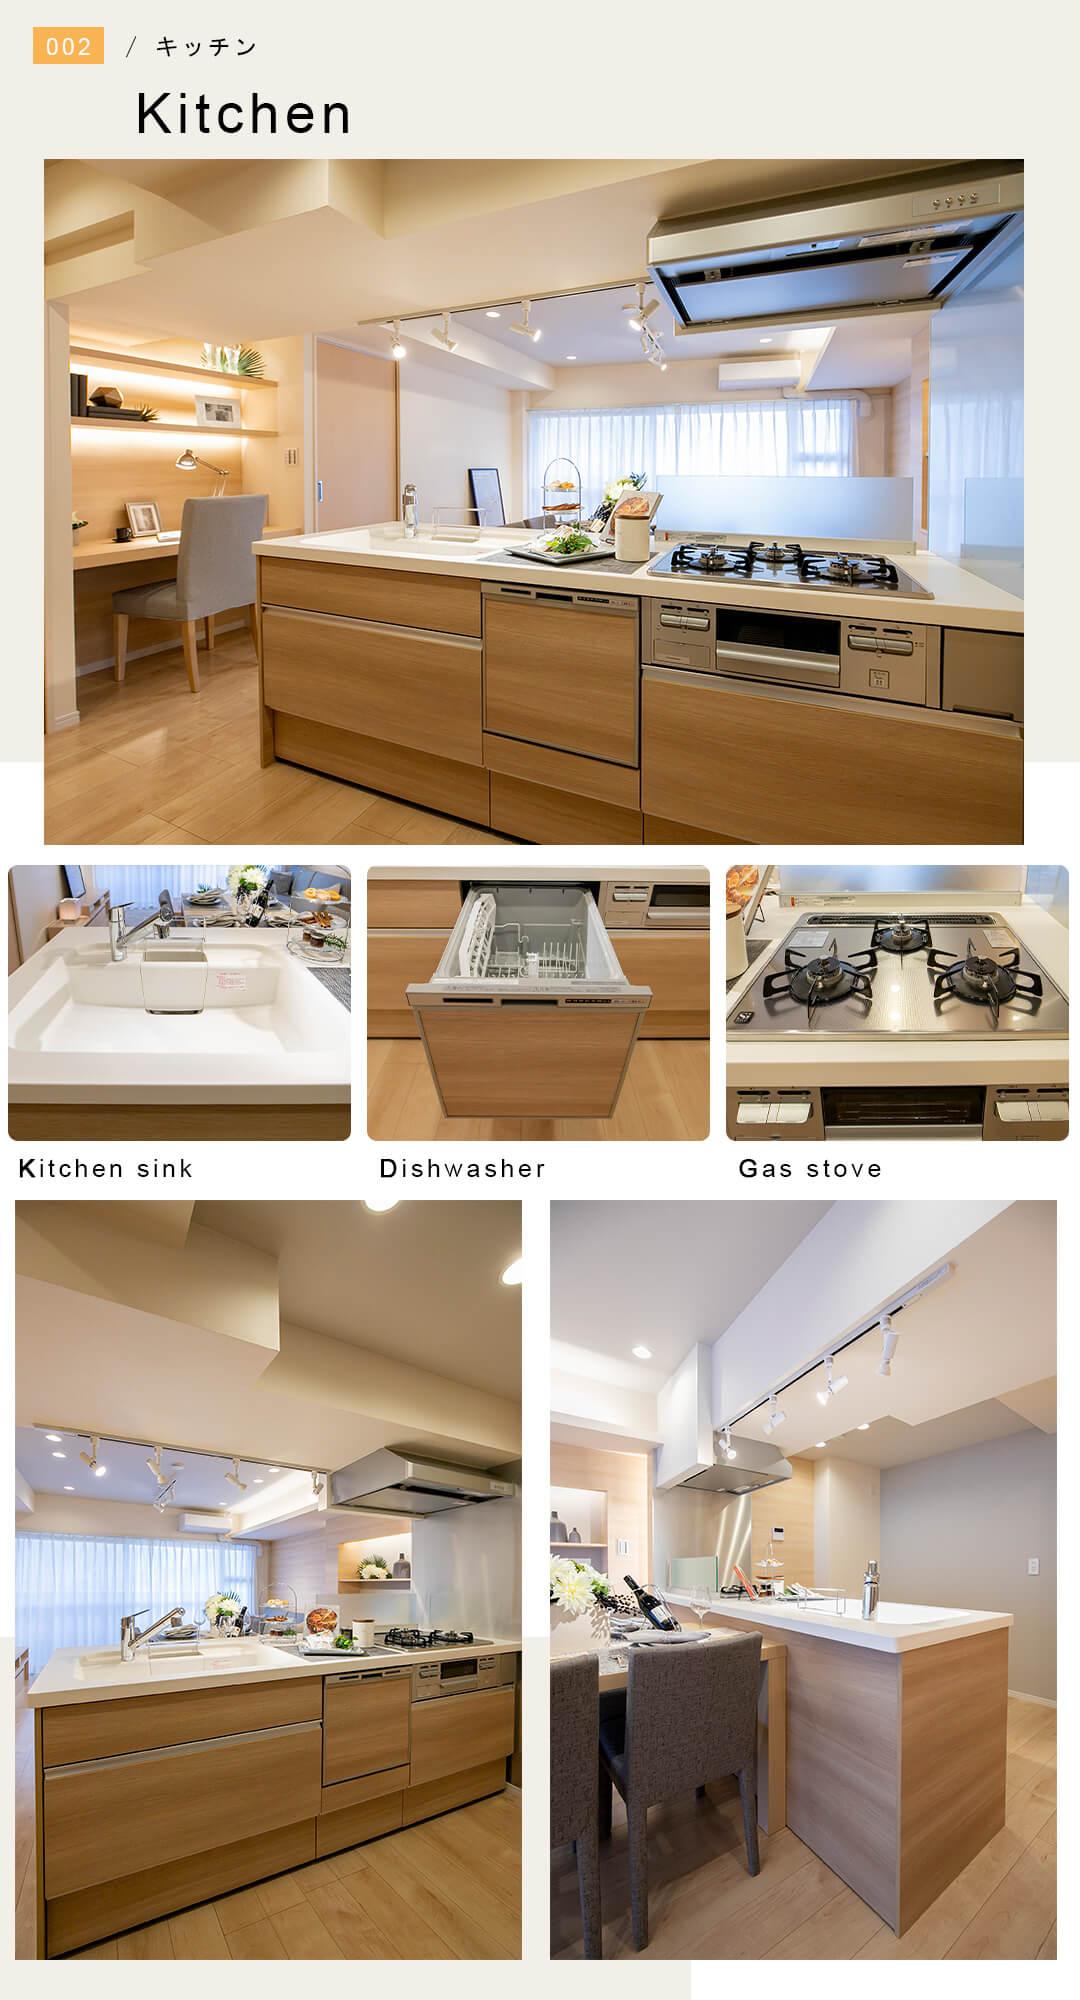 武蔵野サマリヤマンションのキッチン